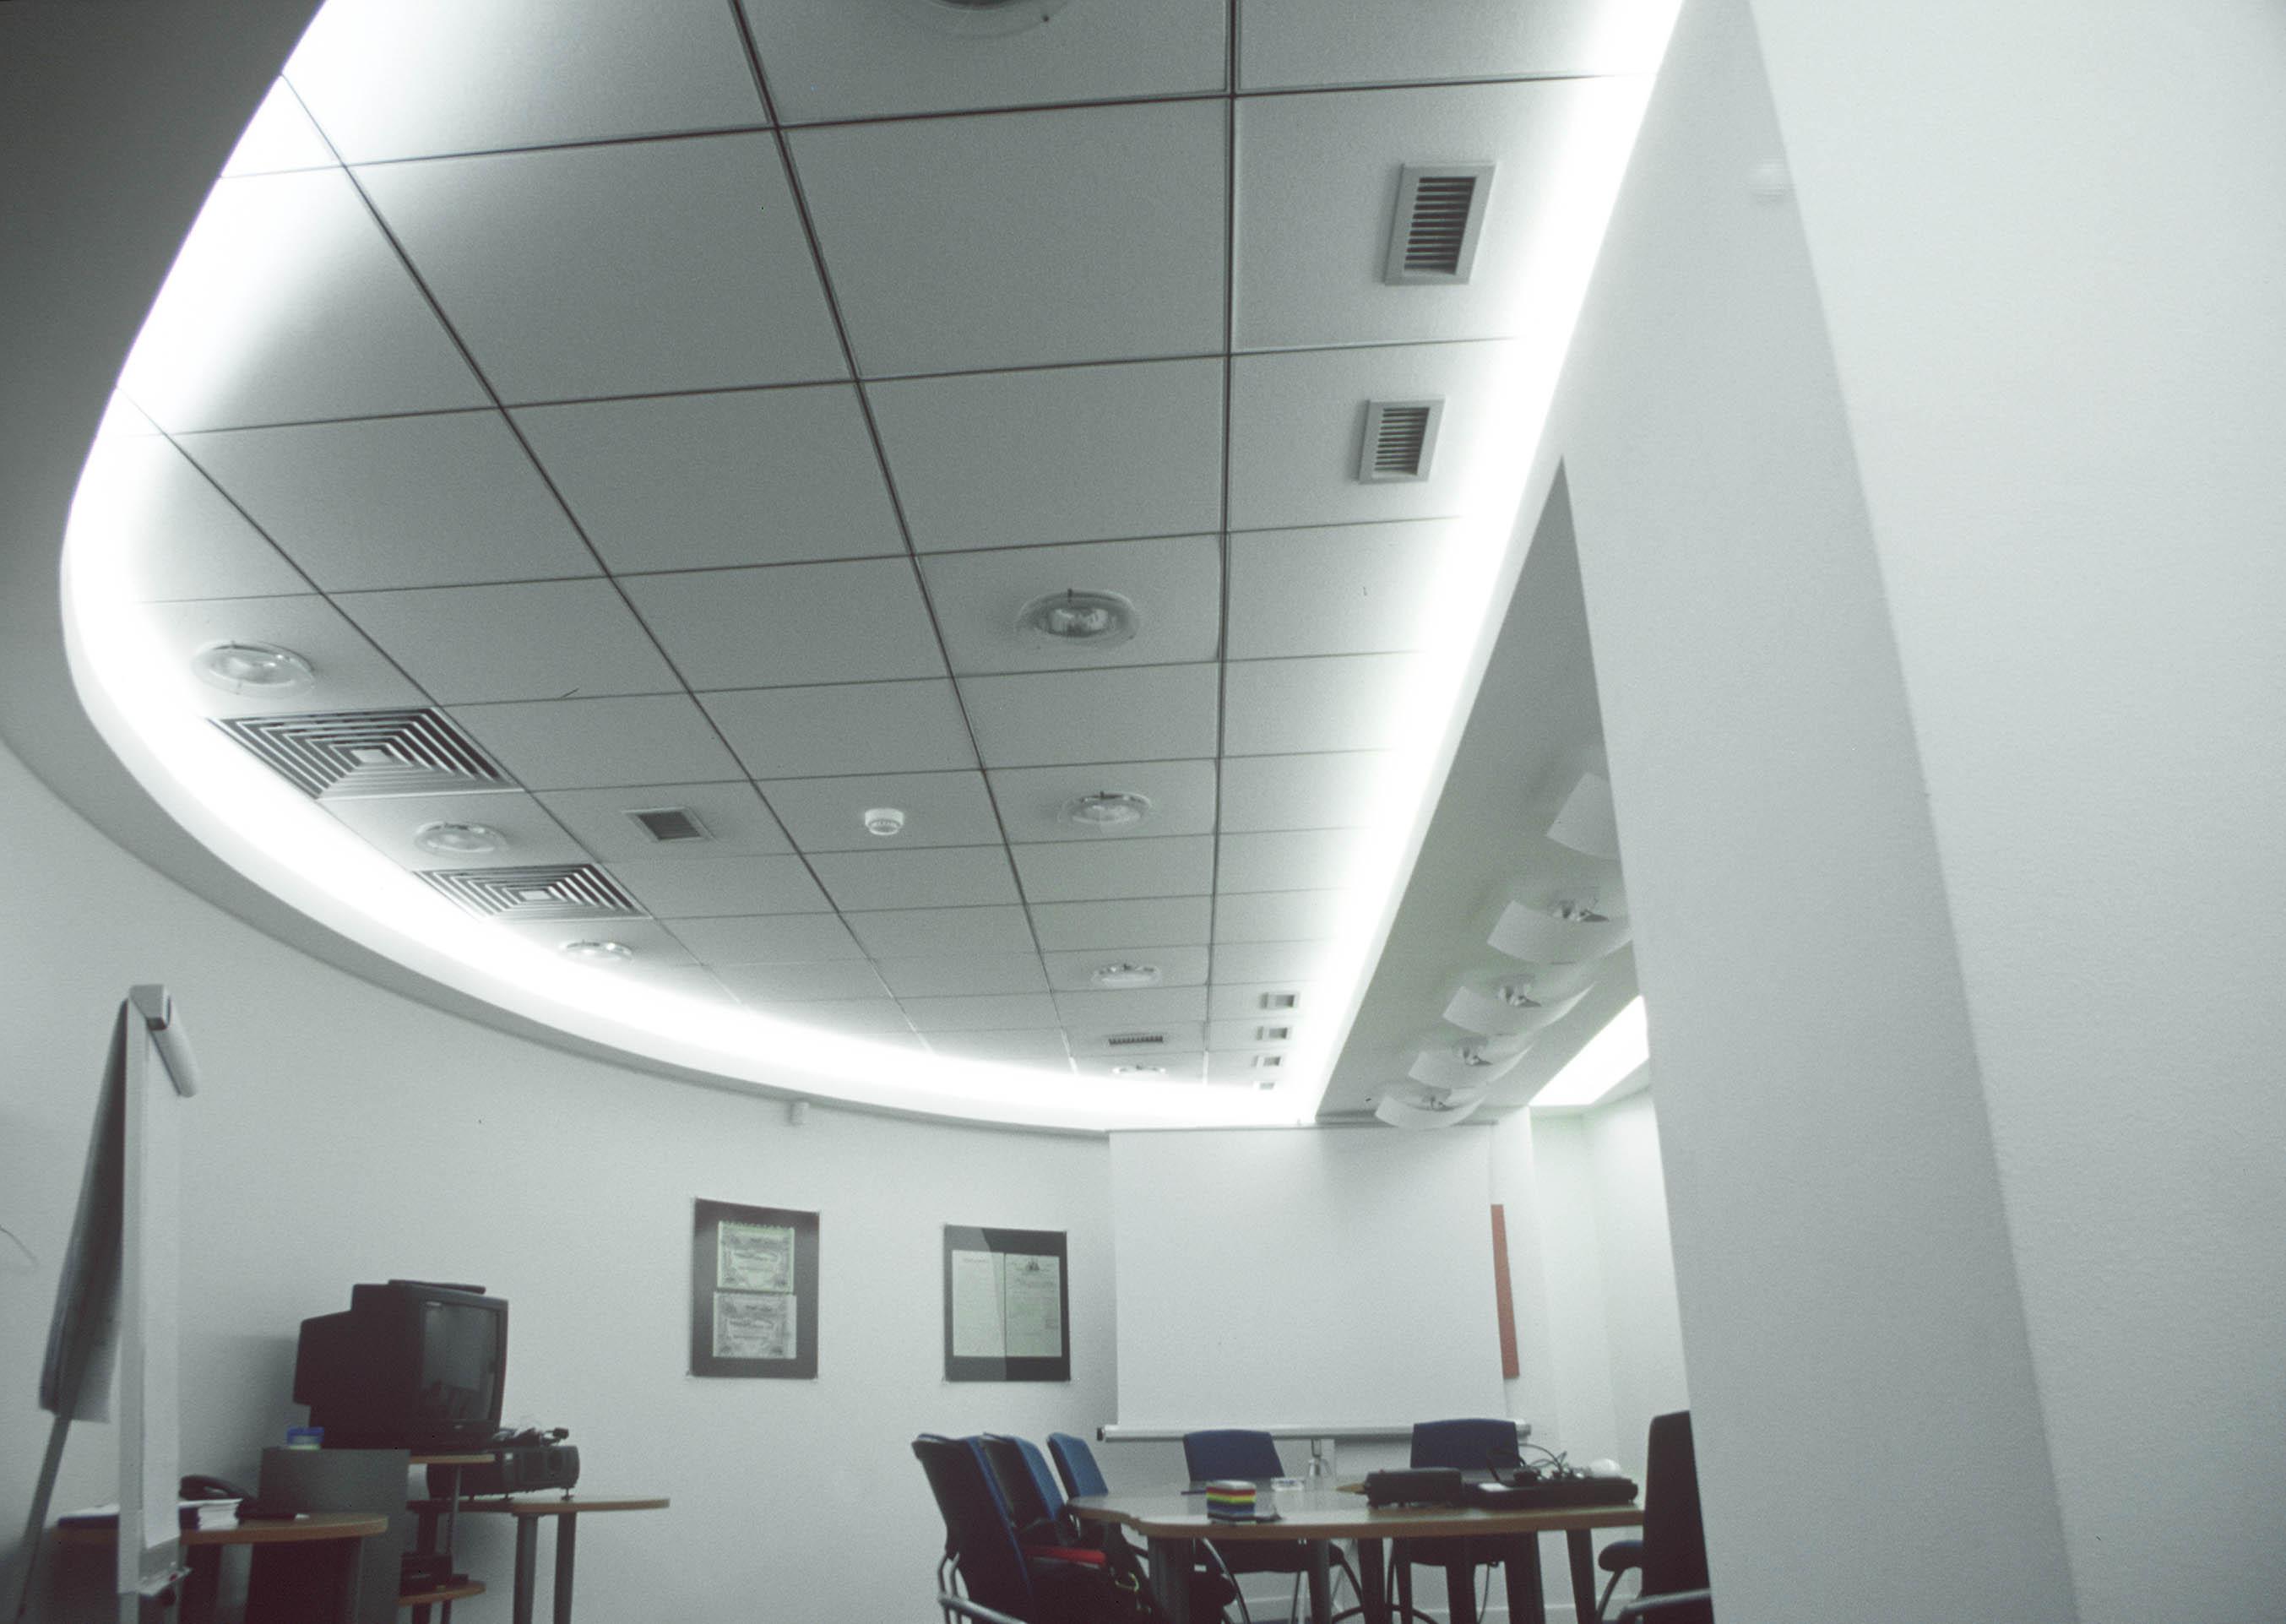 Sistem de iluminare - Sediu Allianz CARALUX - Poza 7